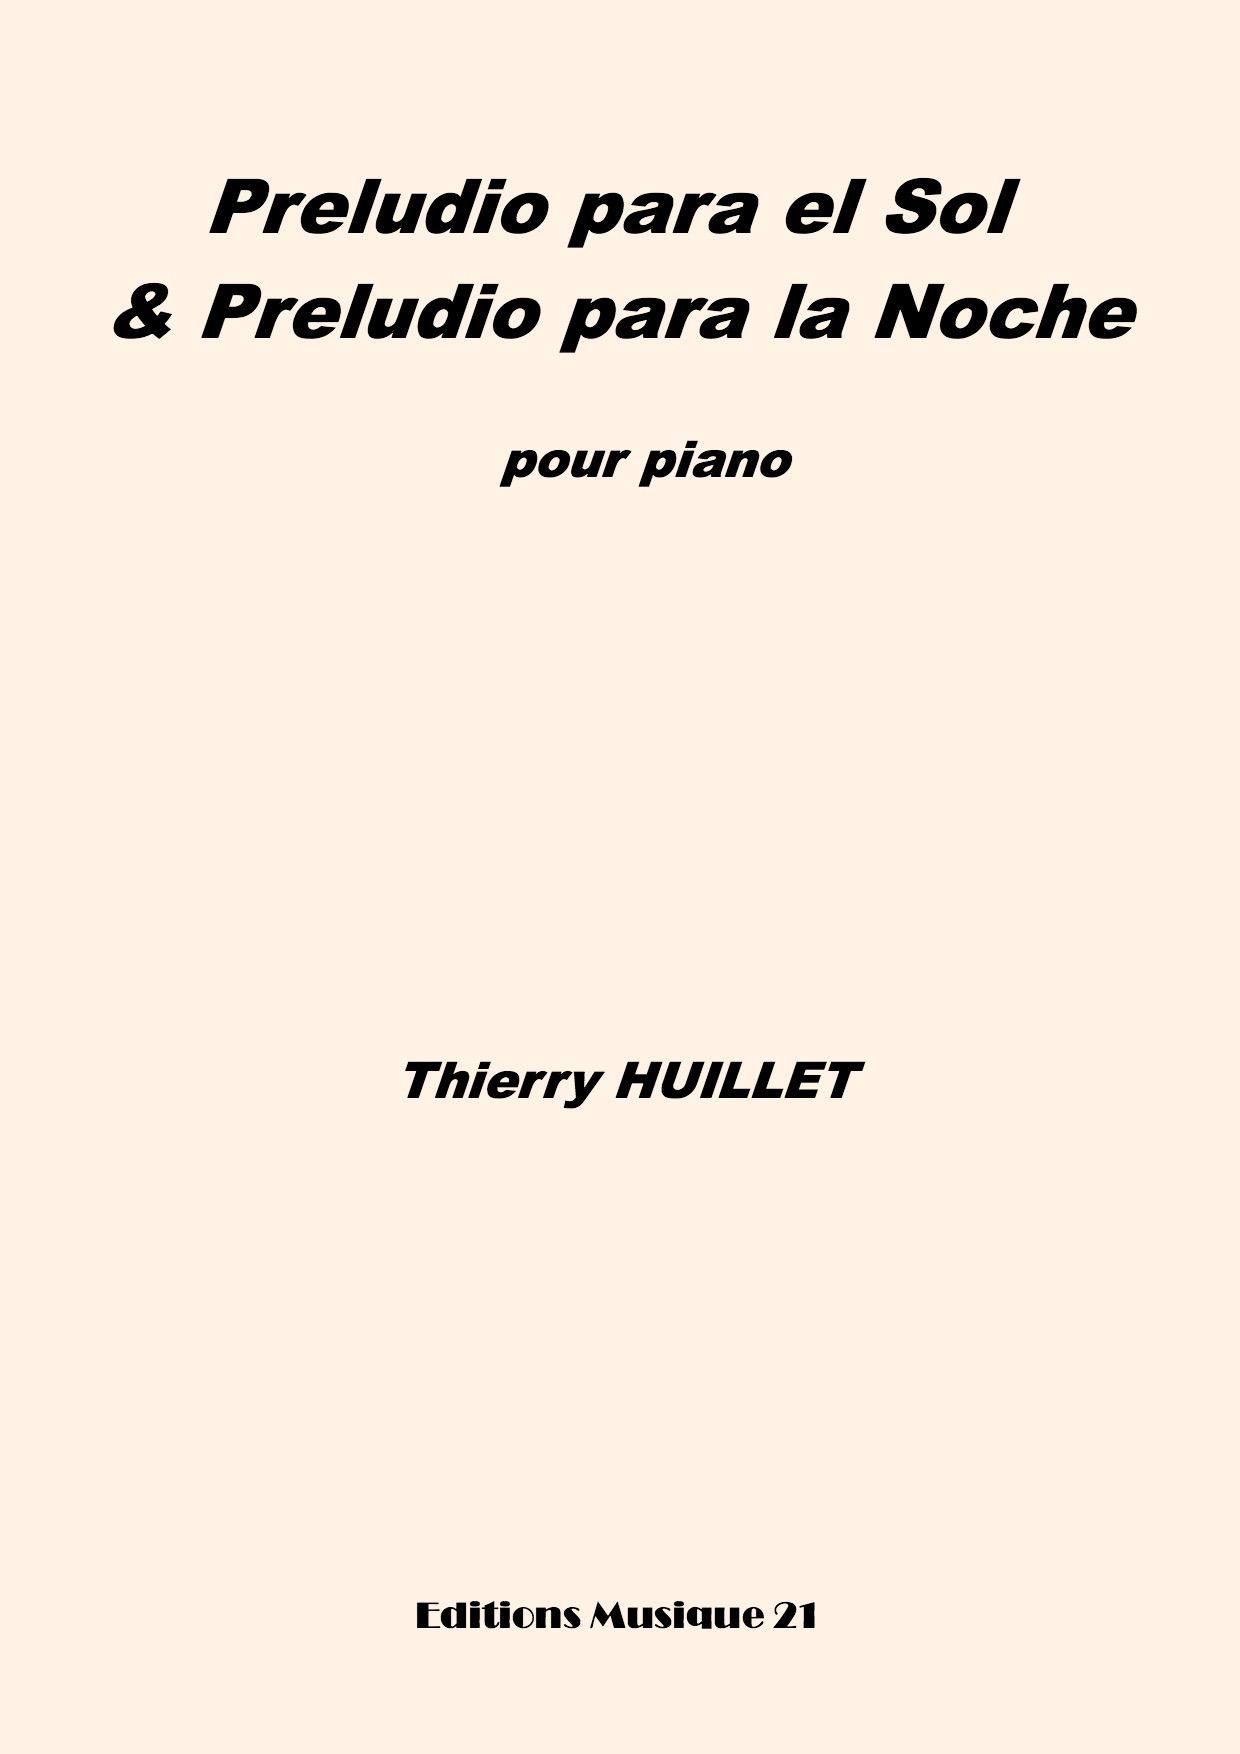 Thierry HUILLET – Preludio Para El Sol & Preludio Para La Noche, For Solo Piano